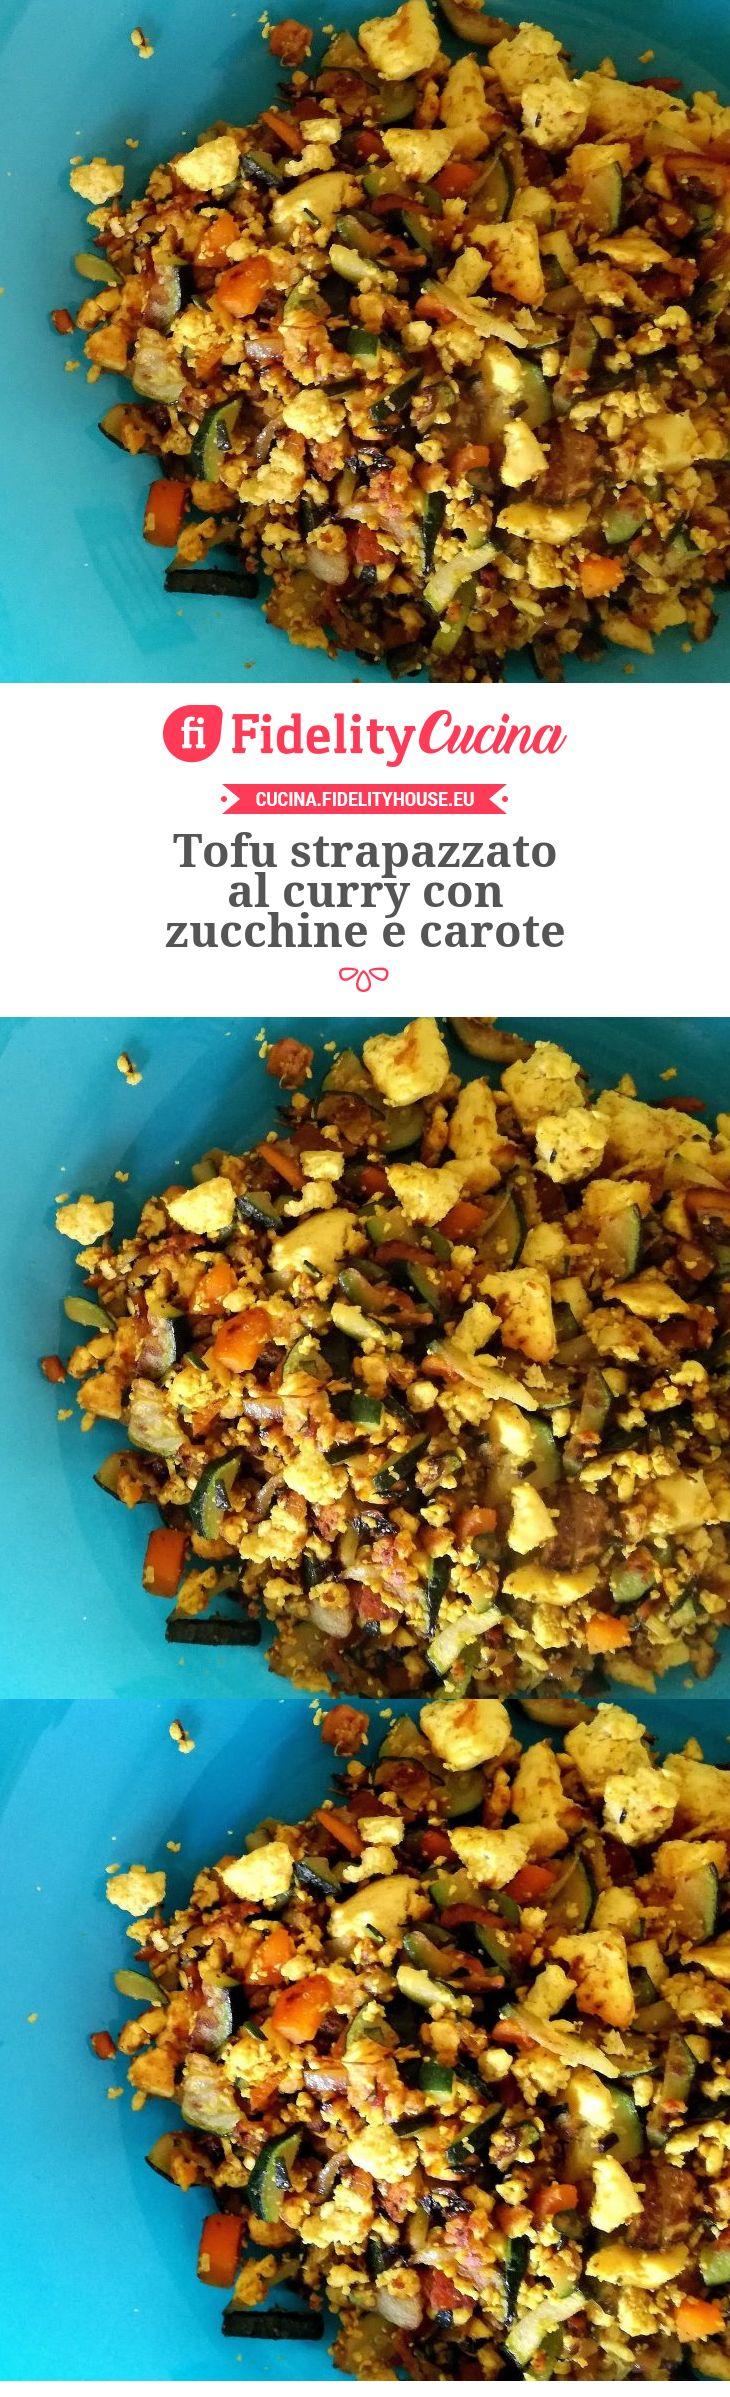 Tofu strapazzato al curry con zucchine e carote